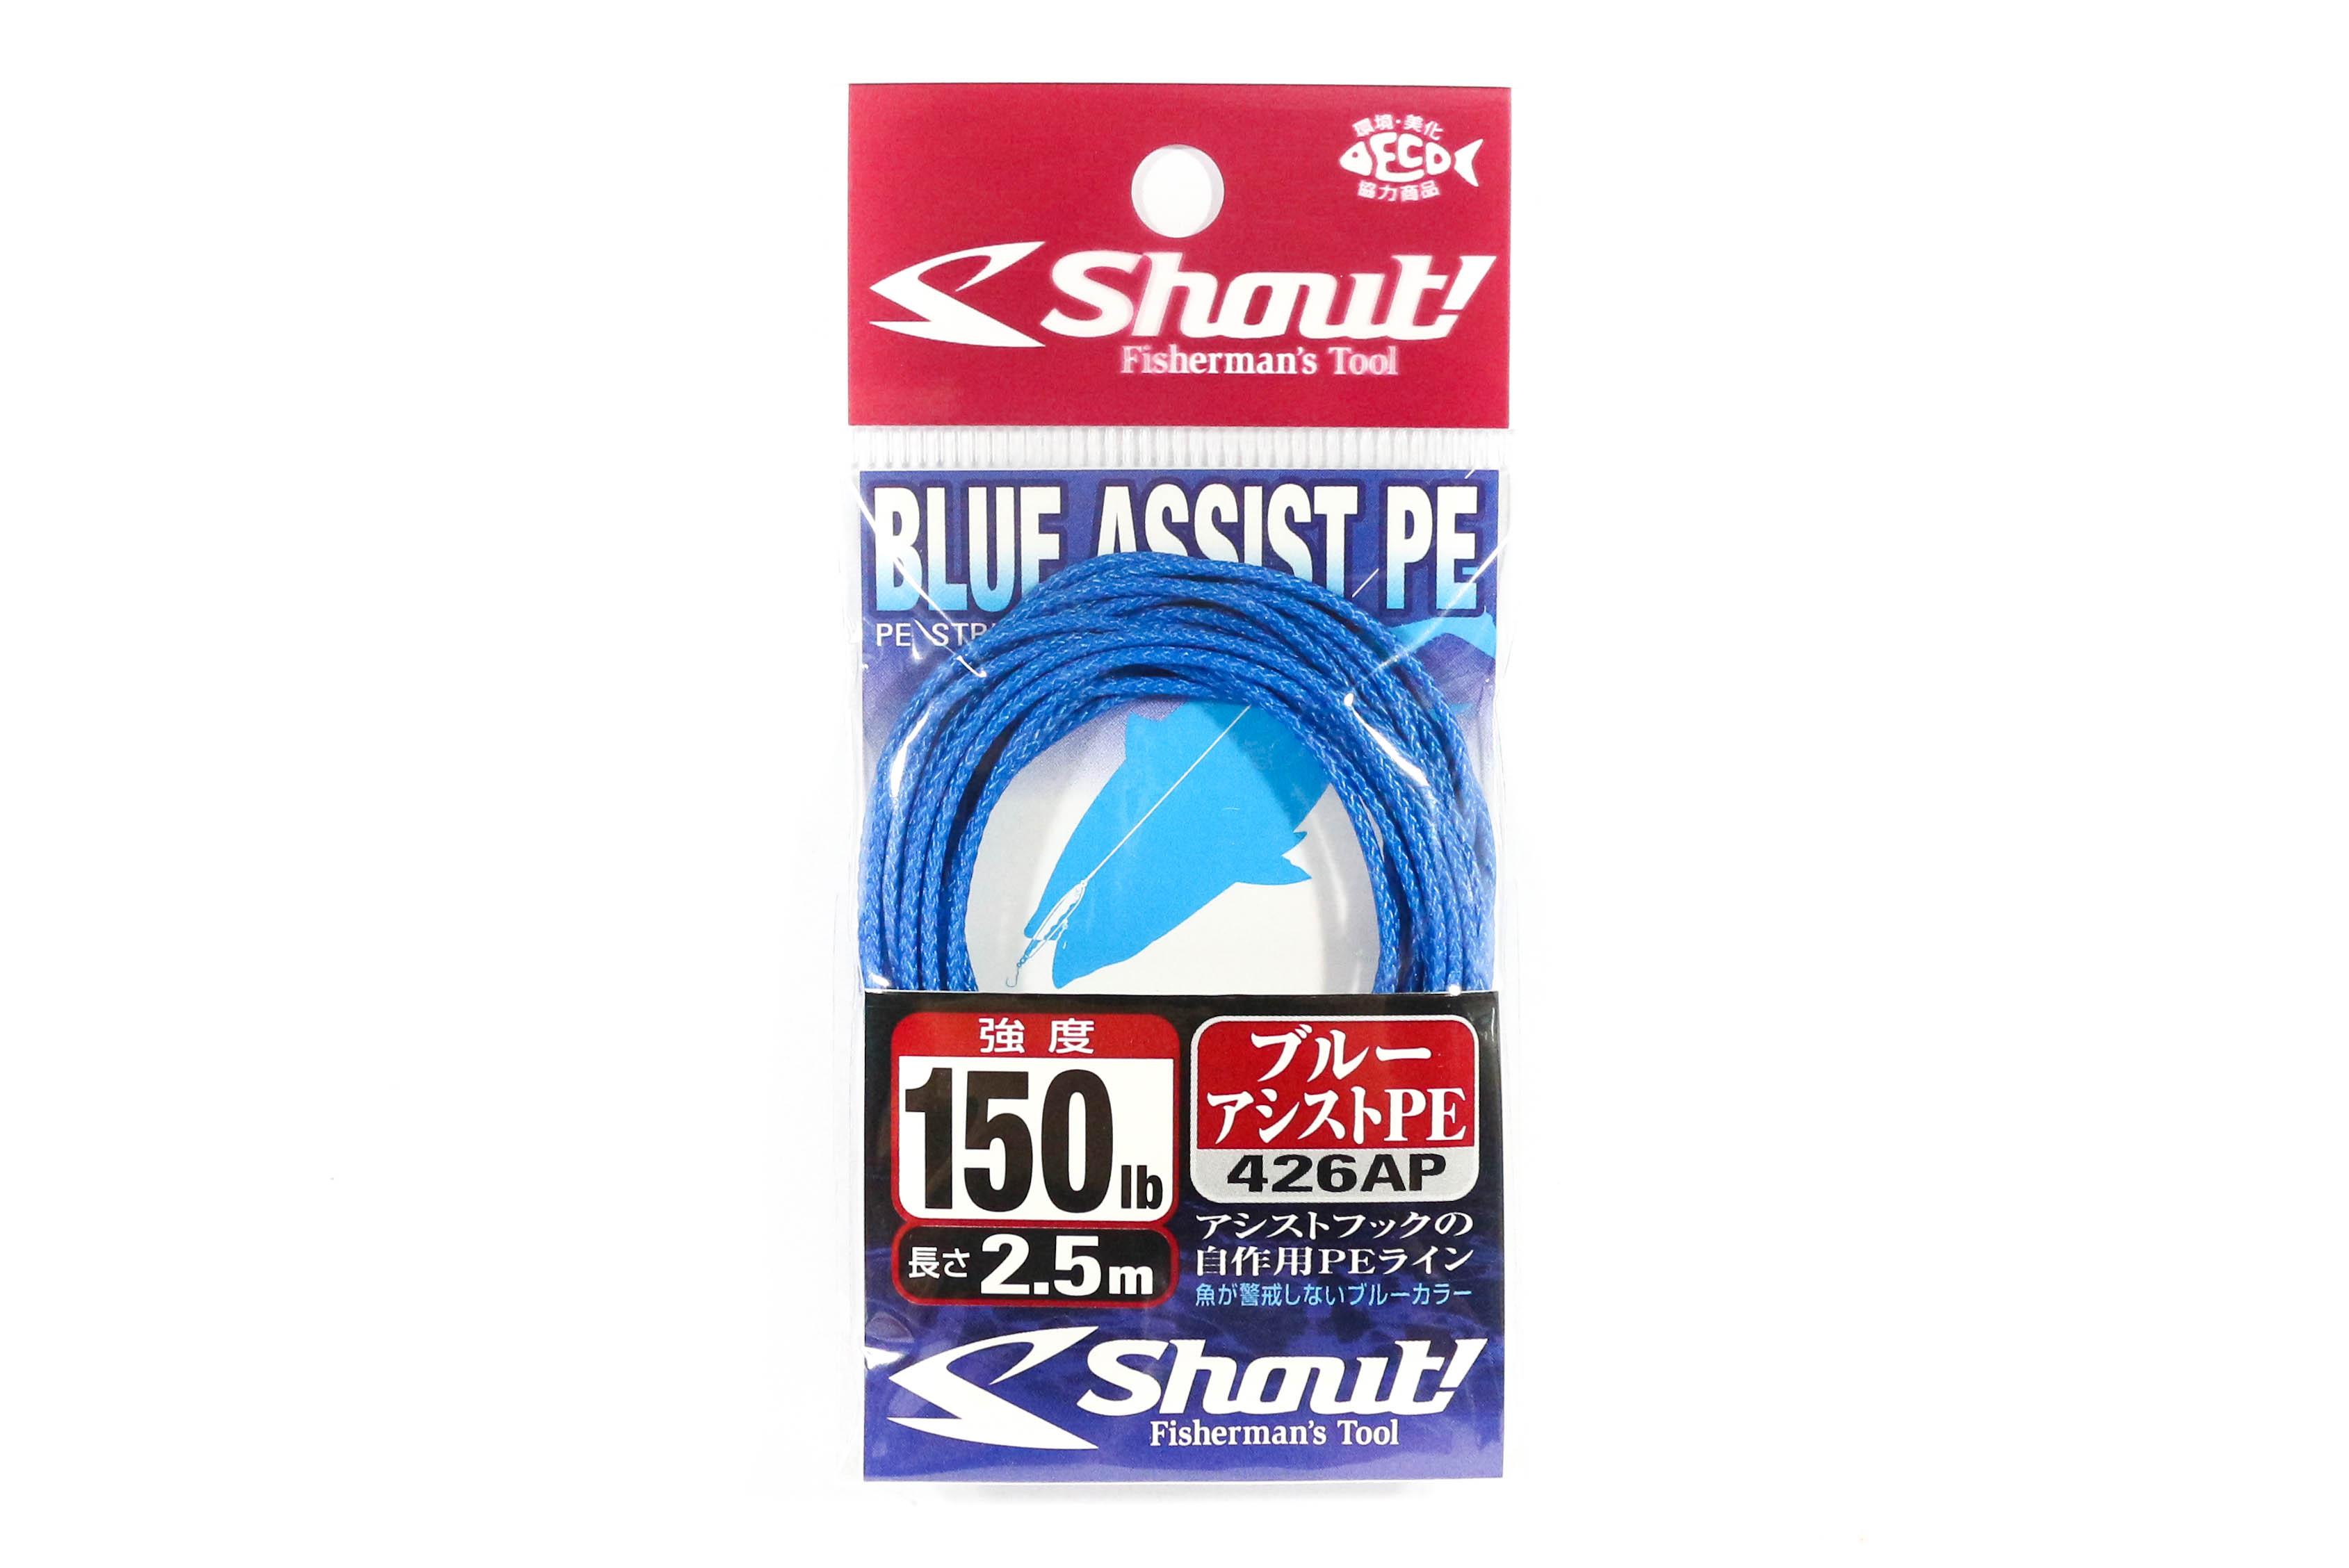 Shout 426-AP Blue Assist P.E Line Assist Rope Inner Core 2.5 meters 150LB (4671)